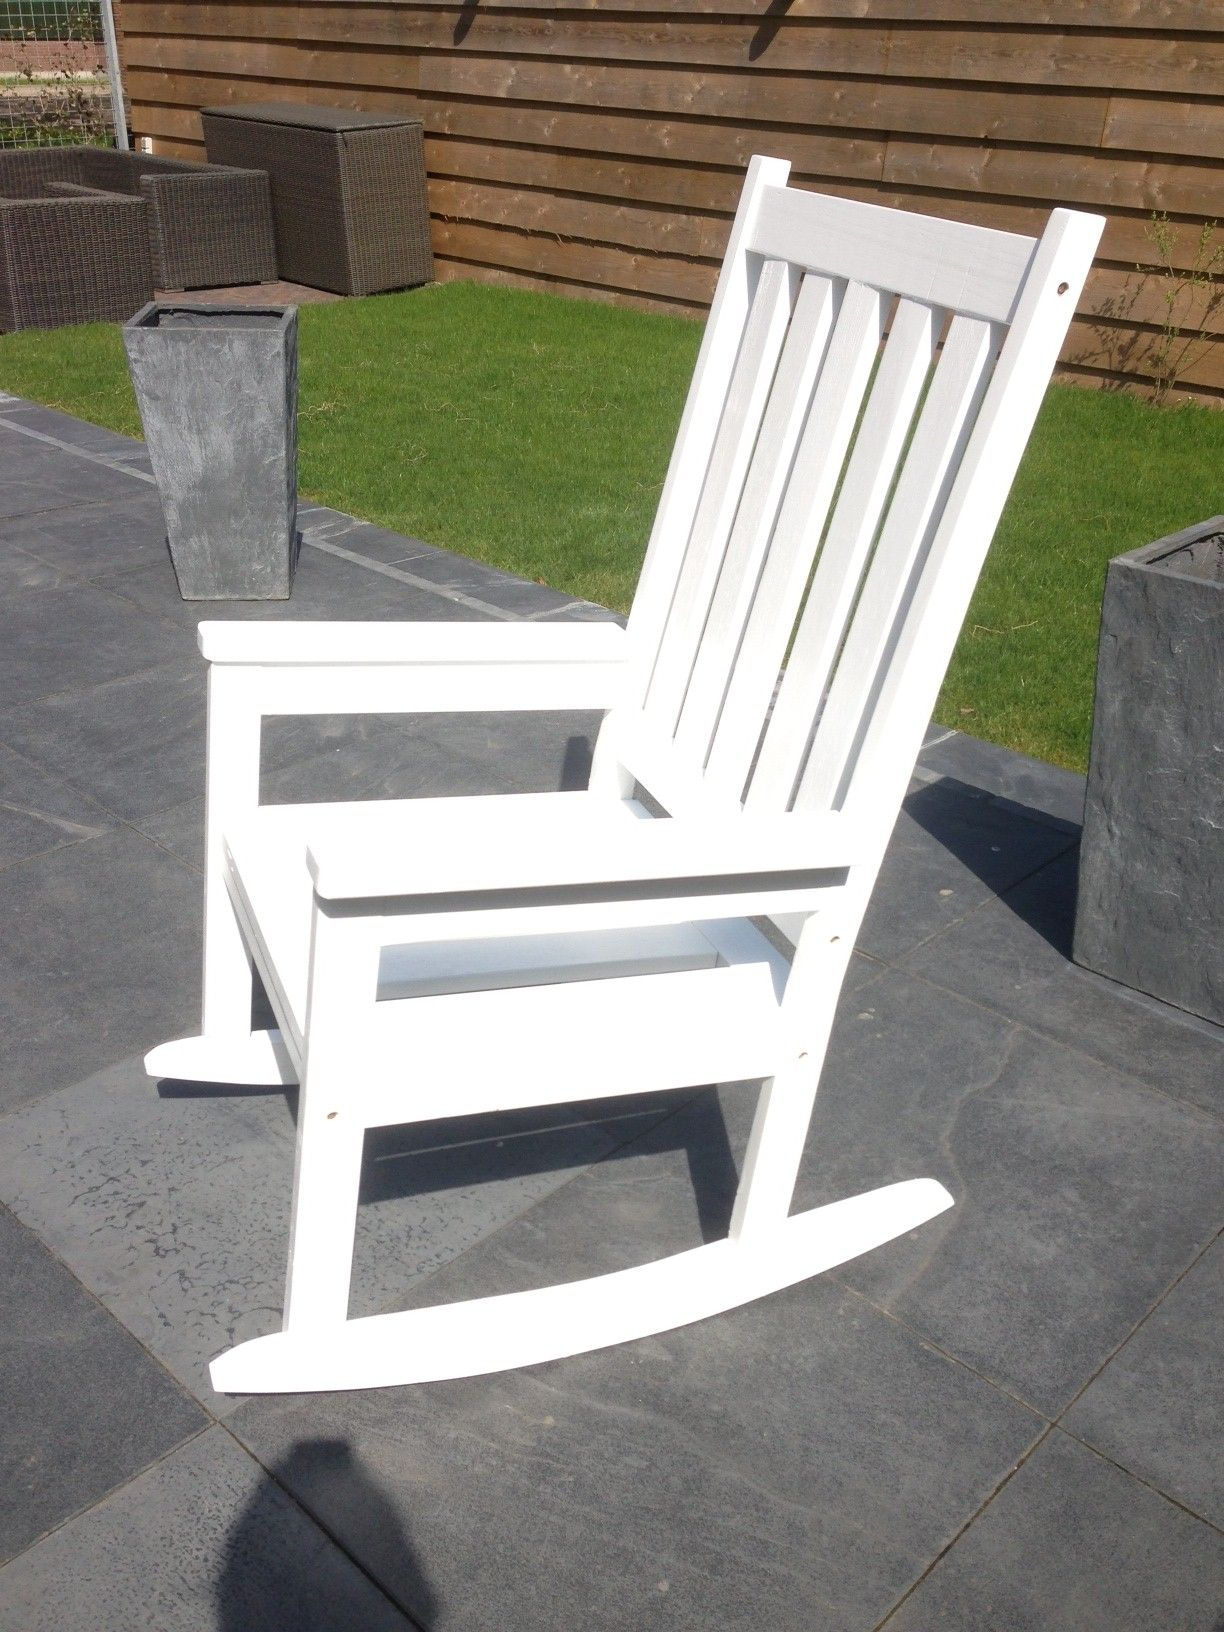 schommelstoel noa voor op een babykamer à € 90.00 - kinderkamer, Deco ideeën